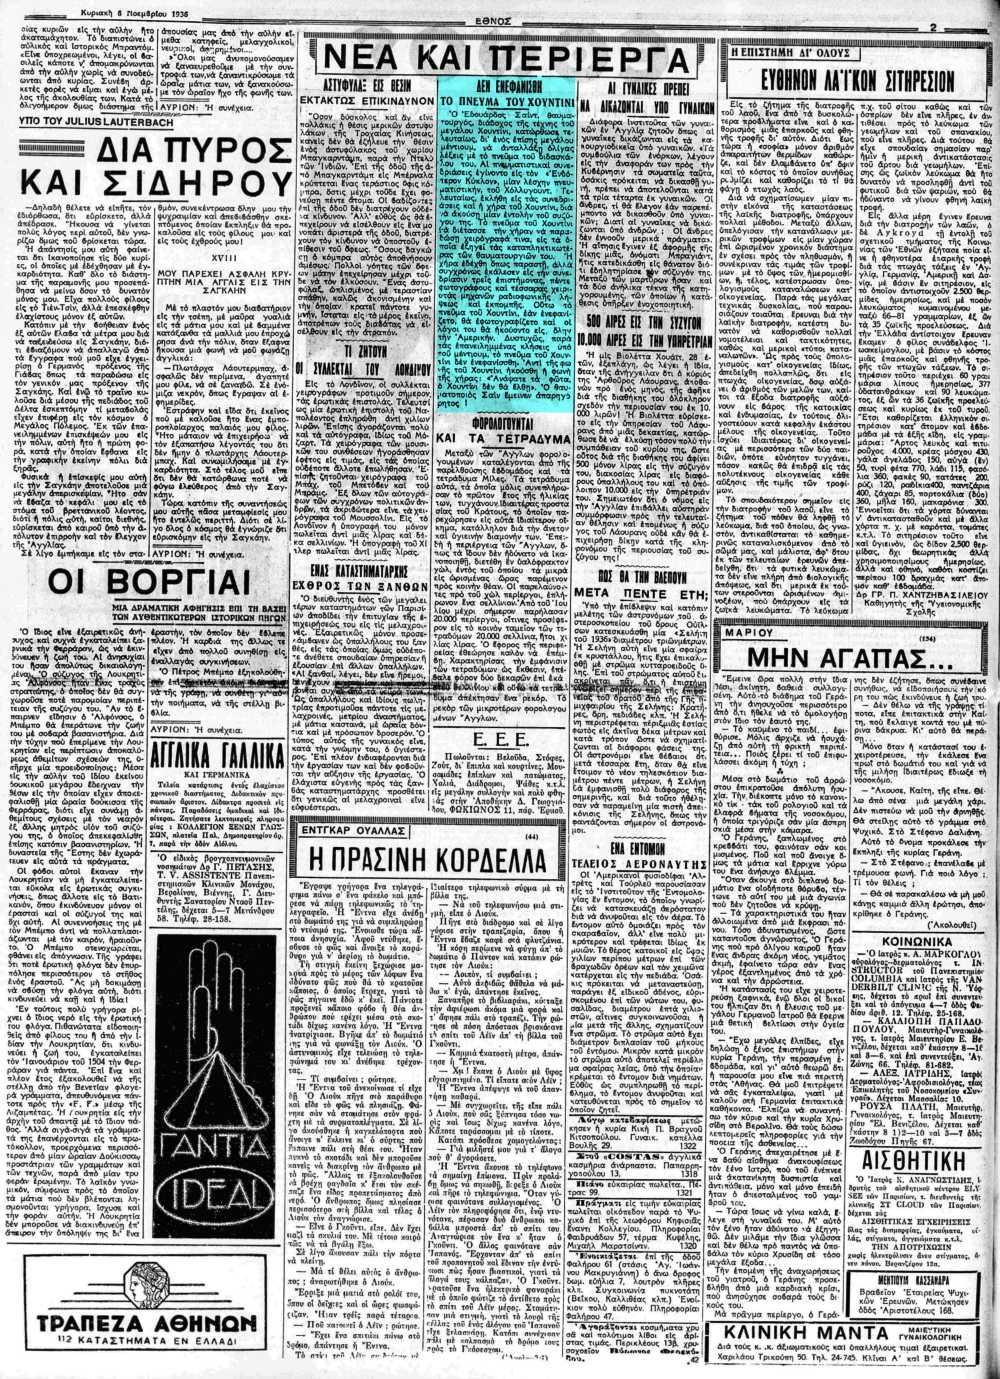 """Το άρθρο, όπως δημοσιεύθηκε στην εφημερίδα """"ΕΘΝΟΣ"""", στις 08/11/1936"""